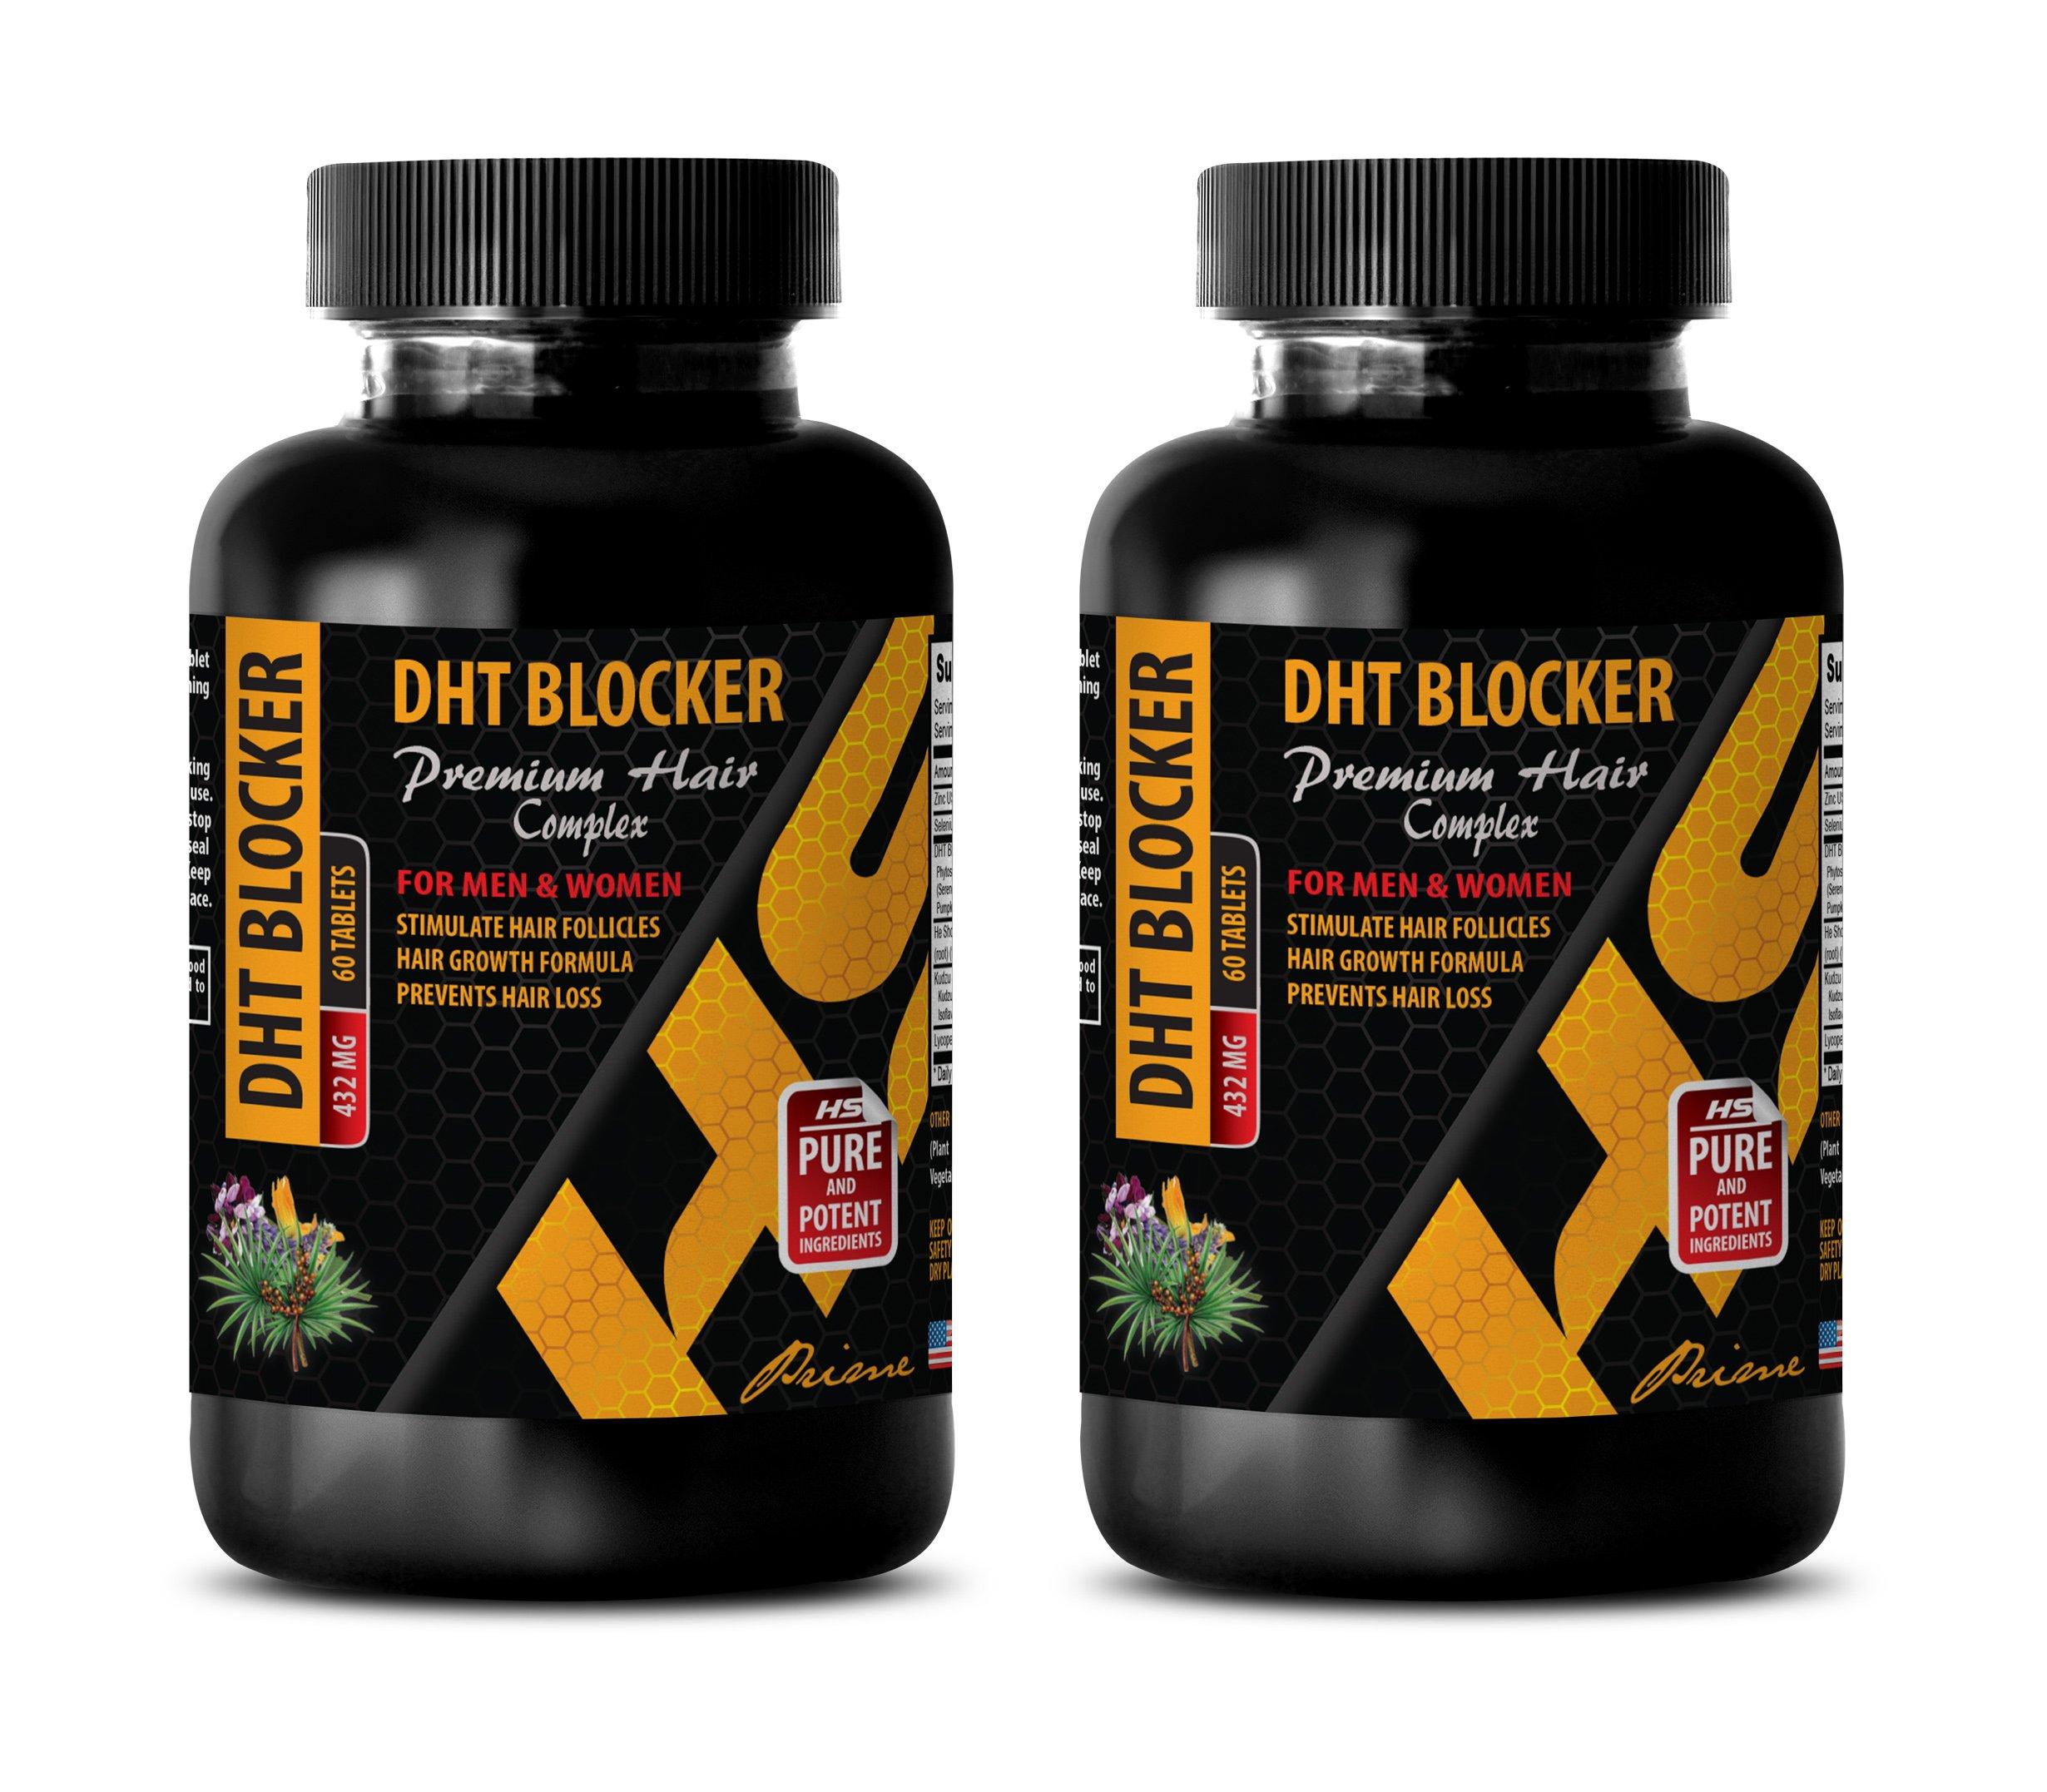 hair growth supplement for women - DHT BLOCKER - PREMIUM HAIR COMPLEX - FOR MEN AND WOMEN - zinc pills for women - 2 Bottles 120 Tablets